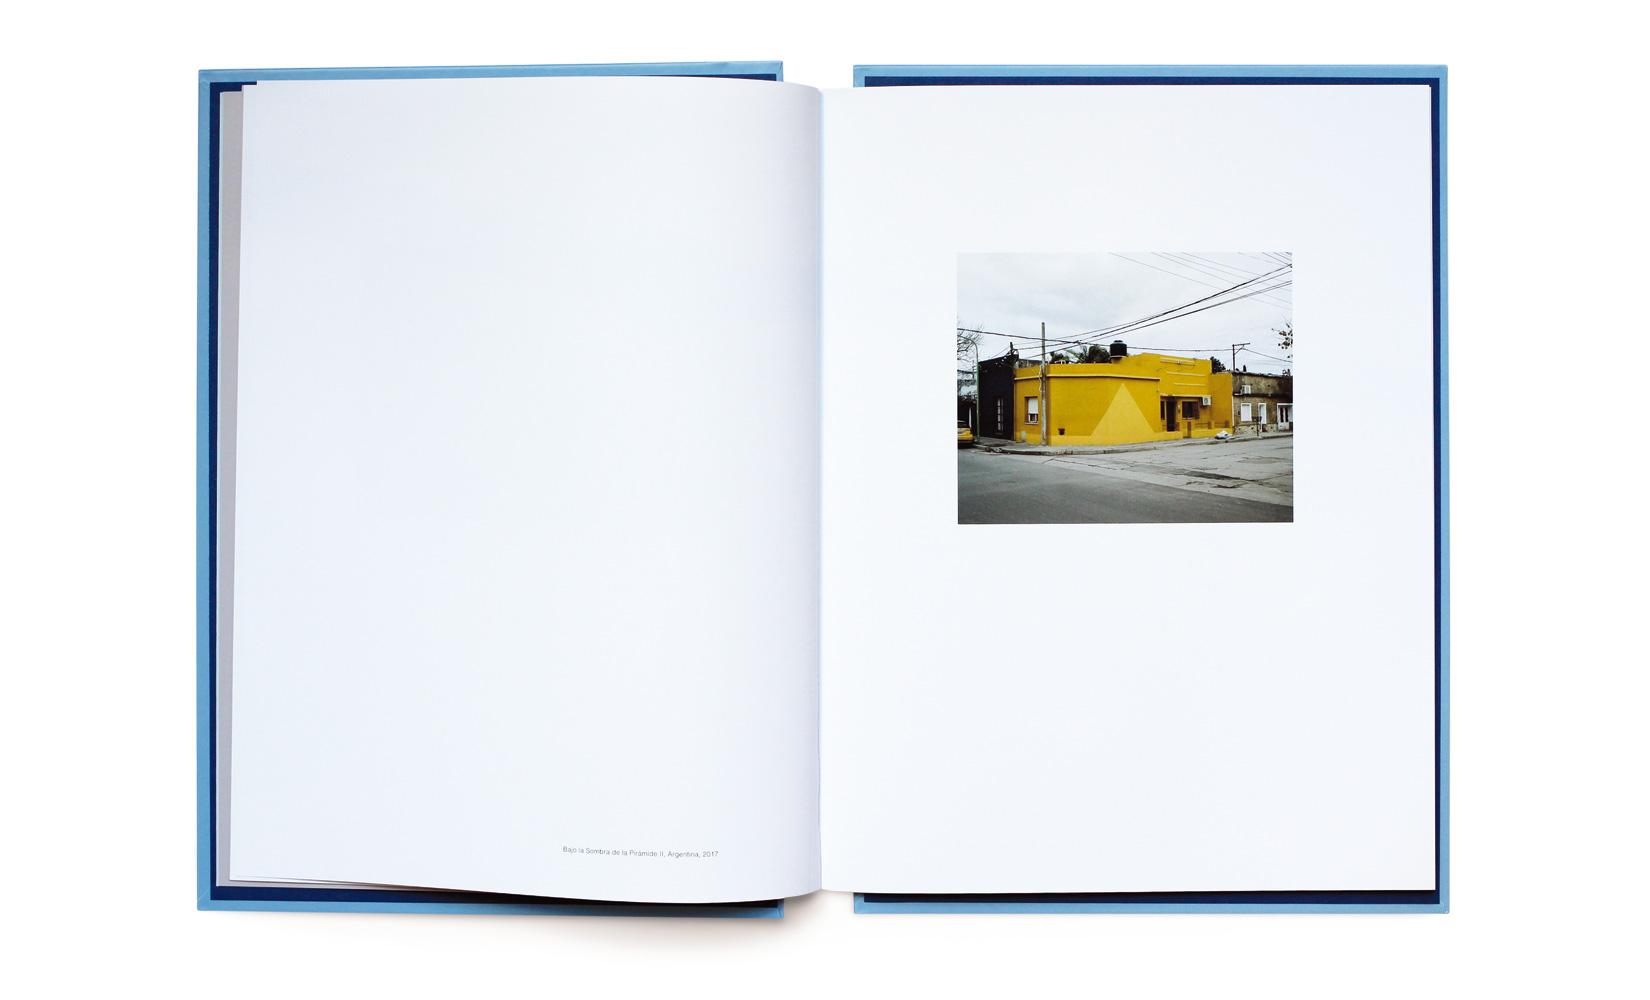 BAJO-LA-SOMBRA-DE-LA-PIRAMIDE-LOPEZ-LUZ-TOLUCA-STUDIO-ANDREOTTI-7.jpg